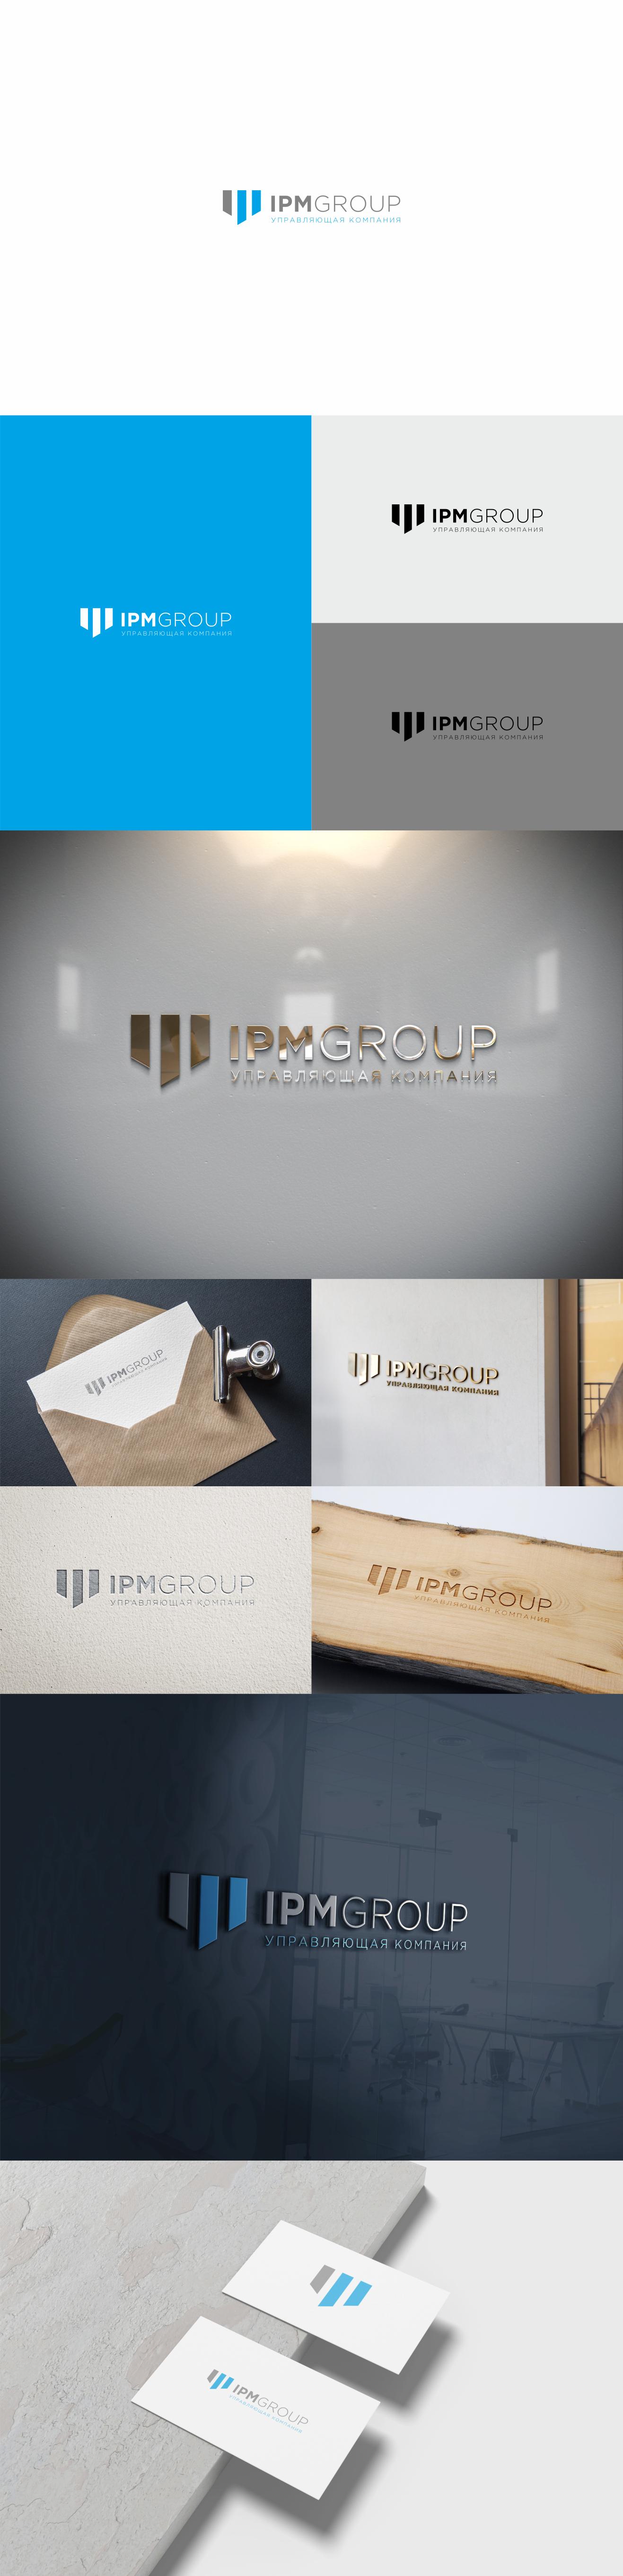 Разработка логотипа для управляющей компании фото f_0125f834b4b0c38b.jpg